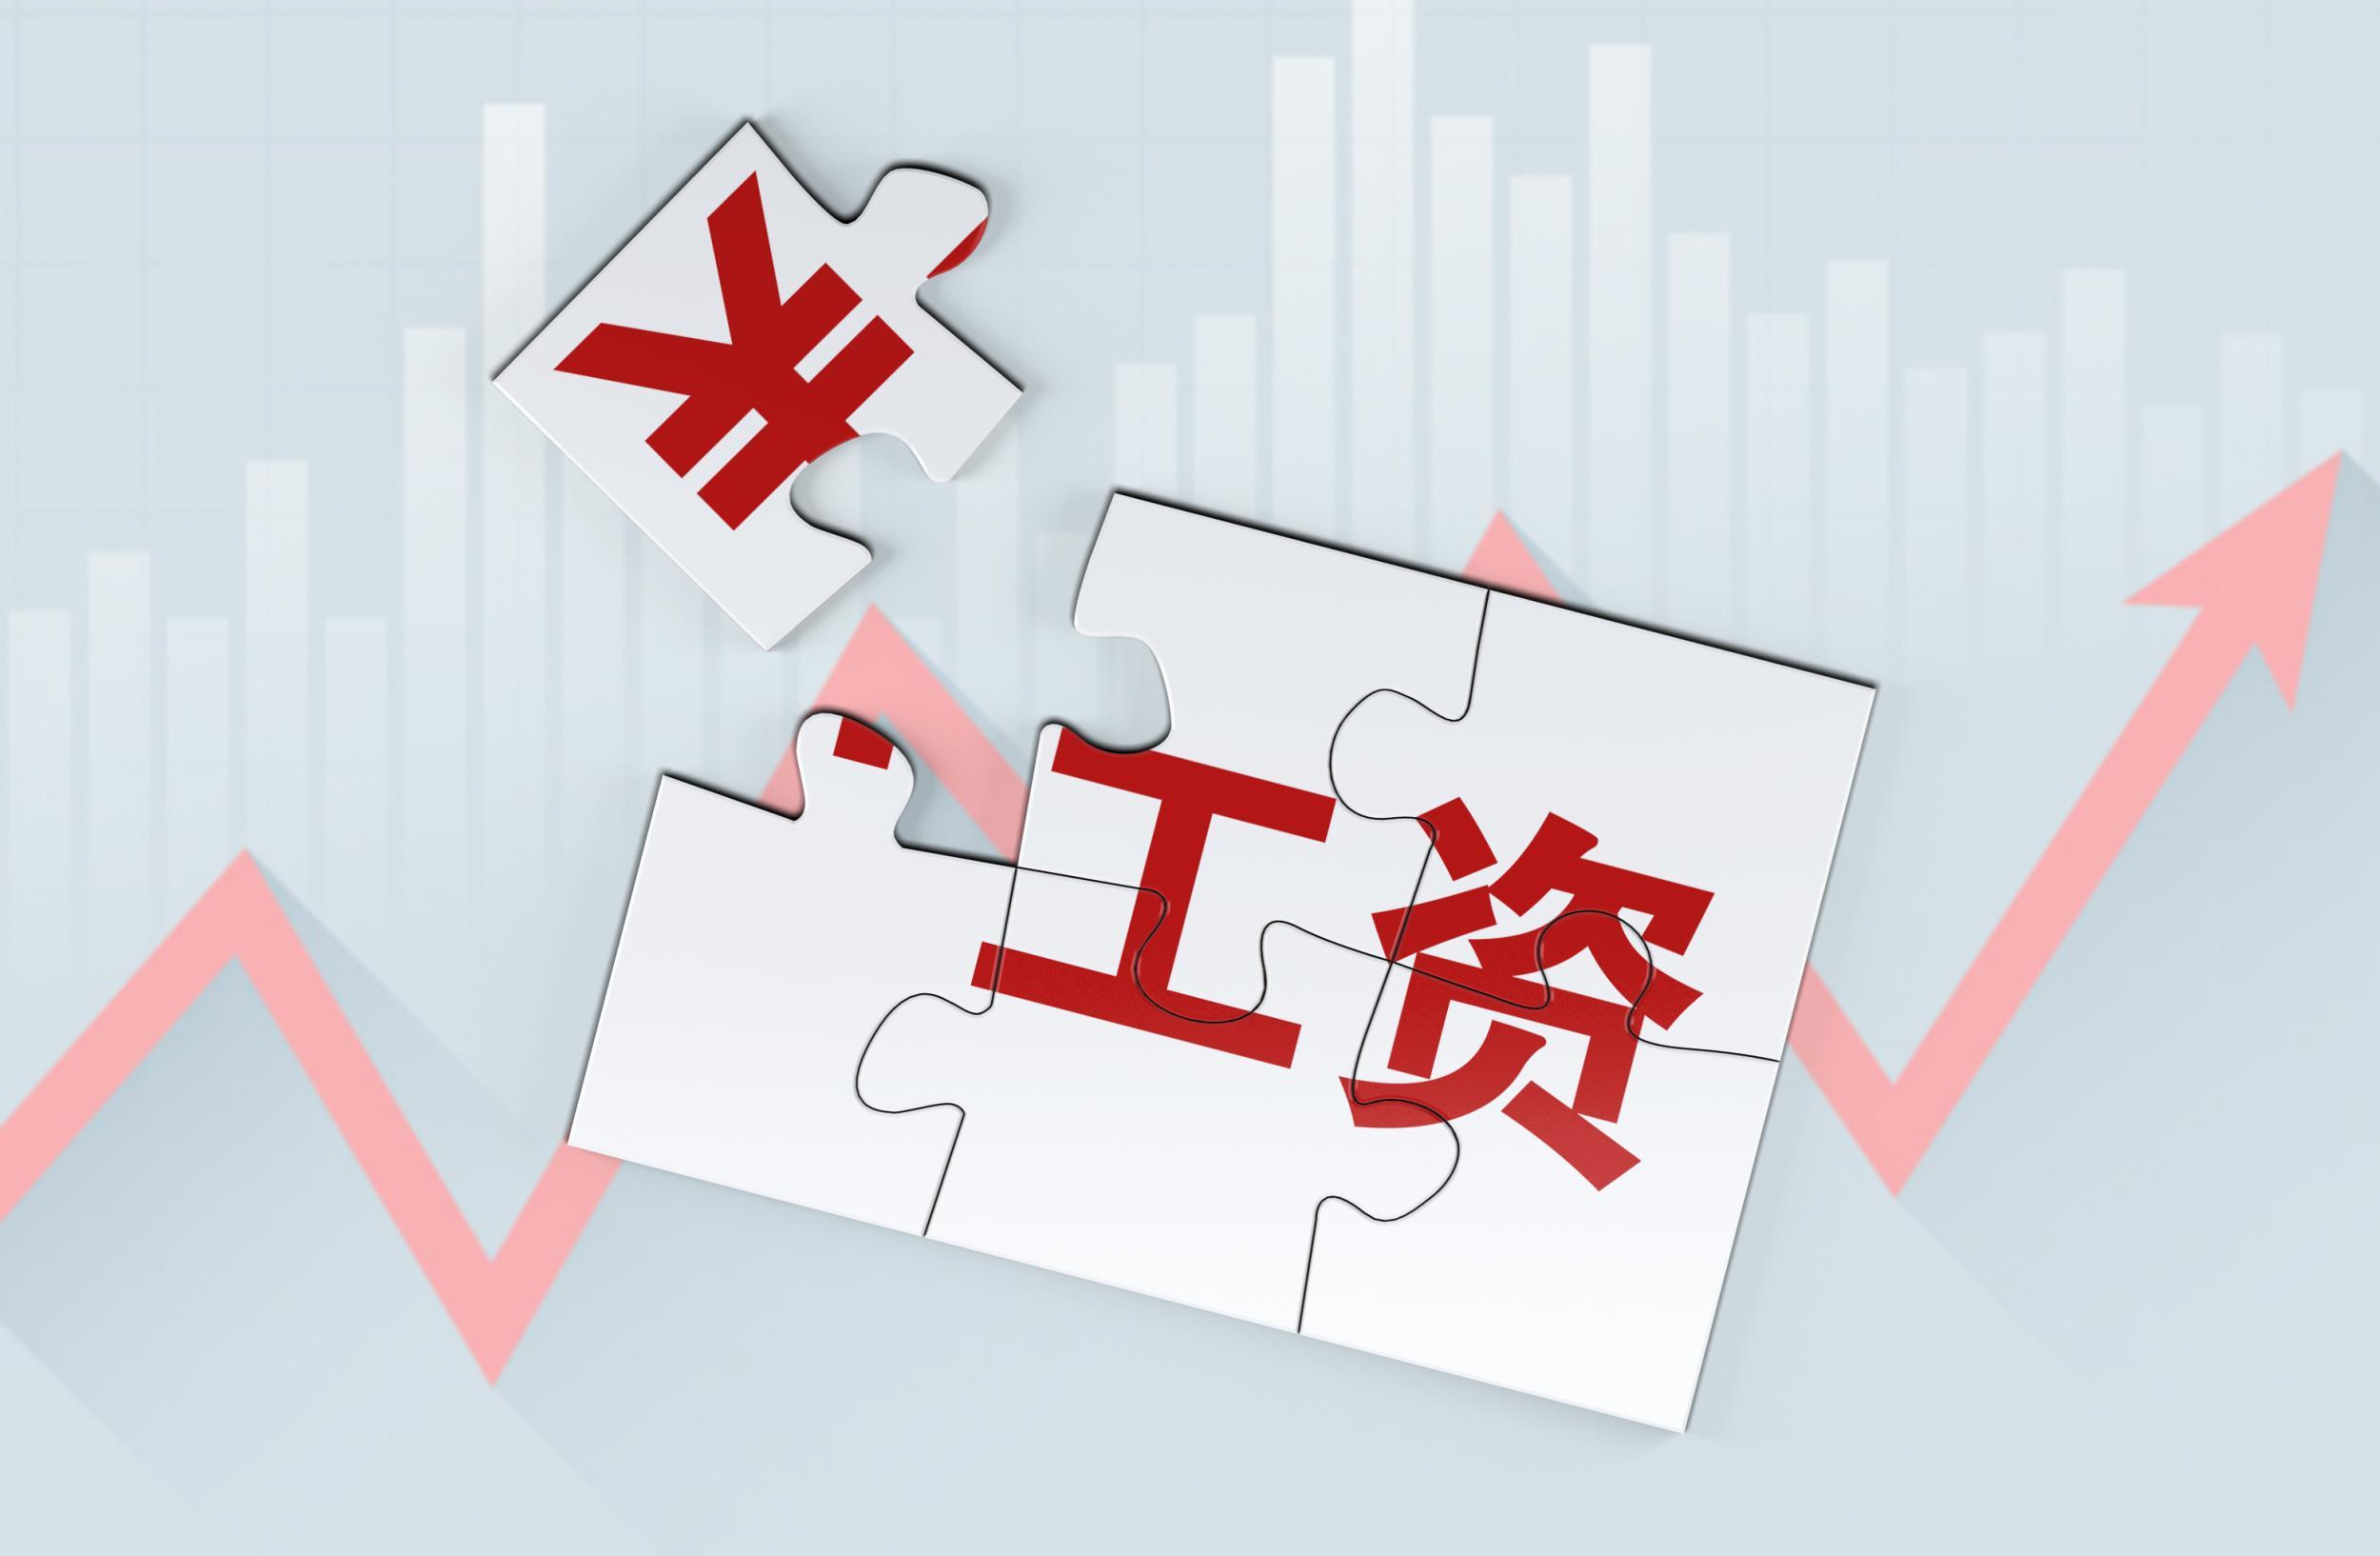 春(chun)節延長假期可以(yi)抵扣年假?延遲復工(gong)期間工(gong)資怎麼算?